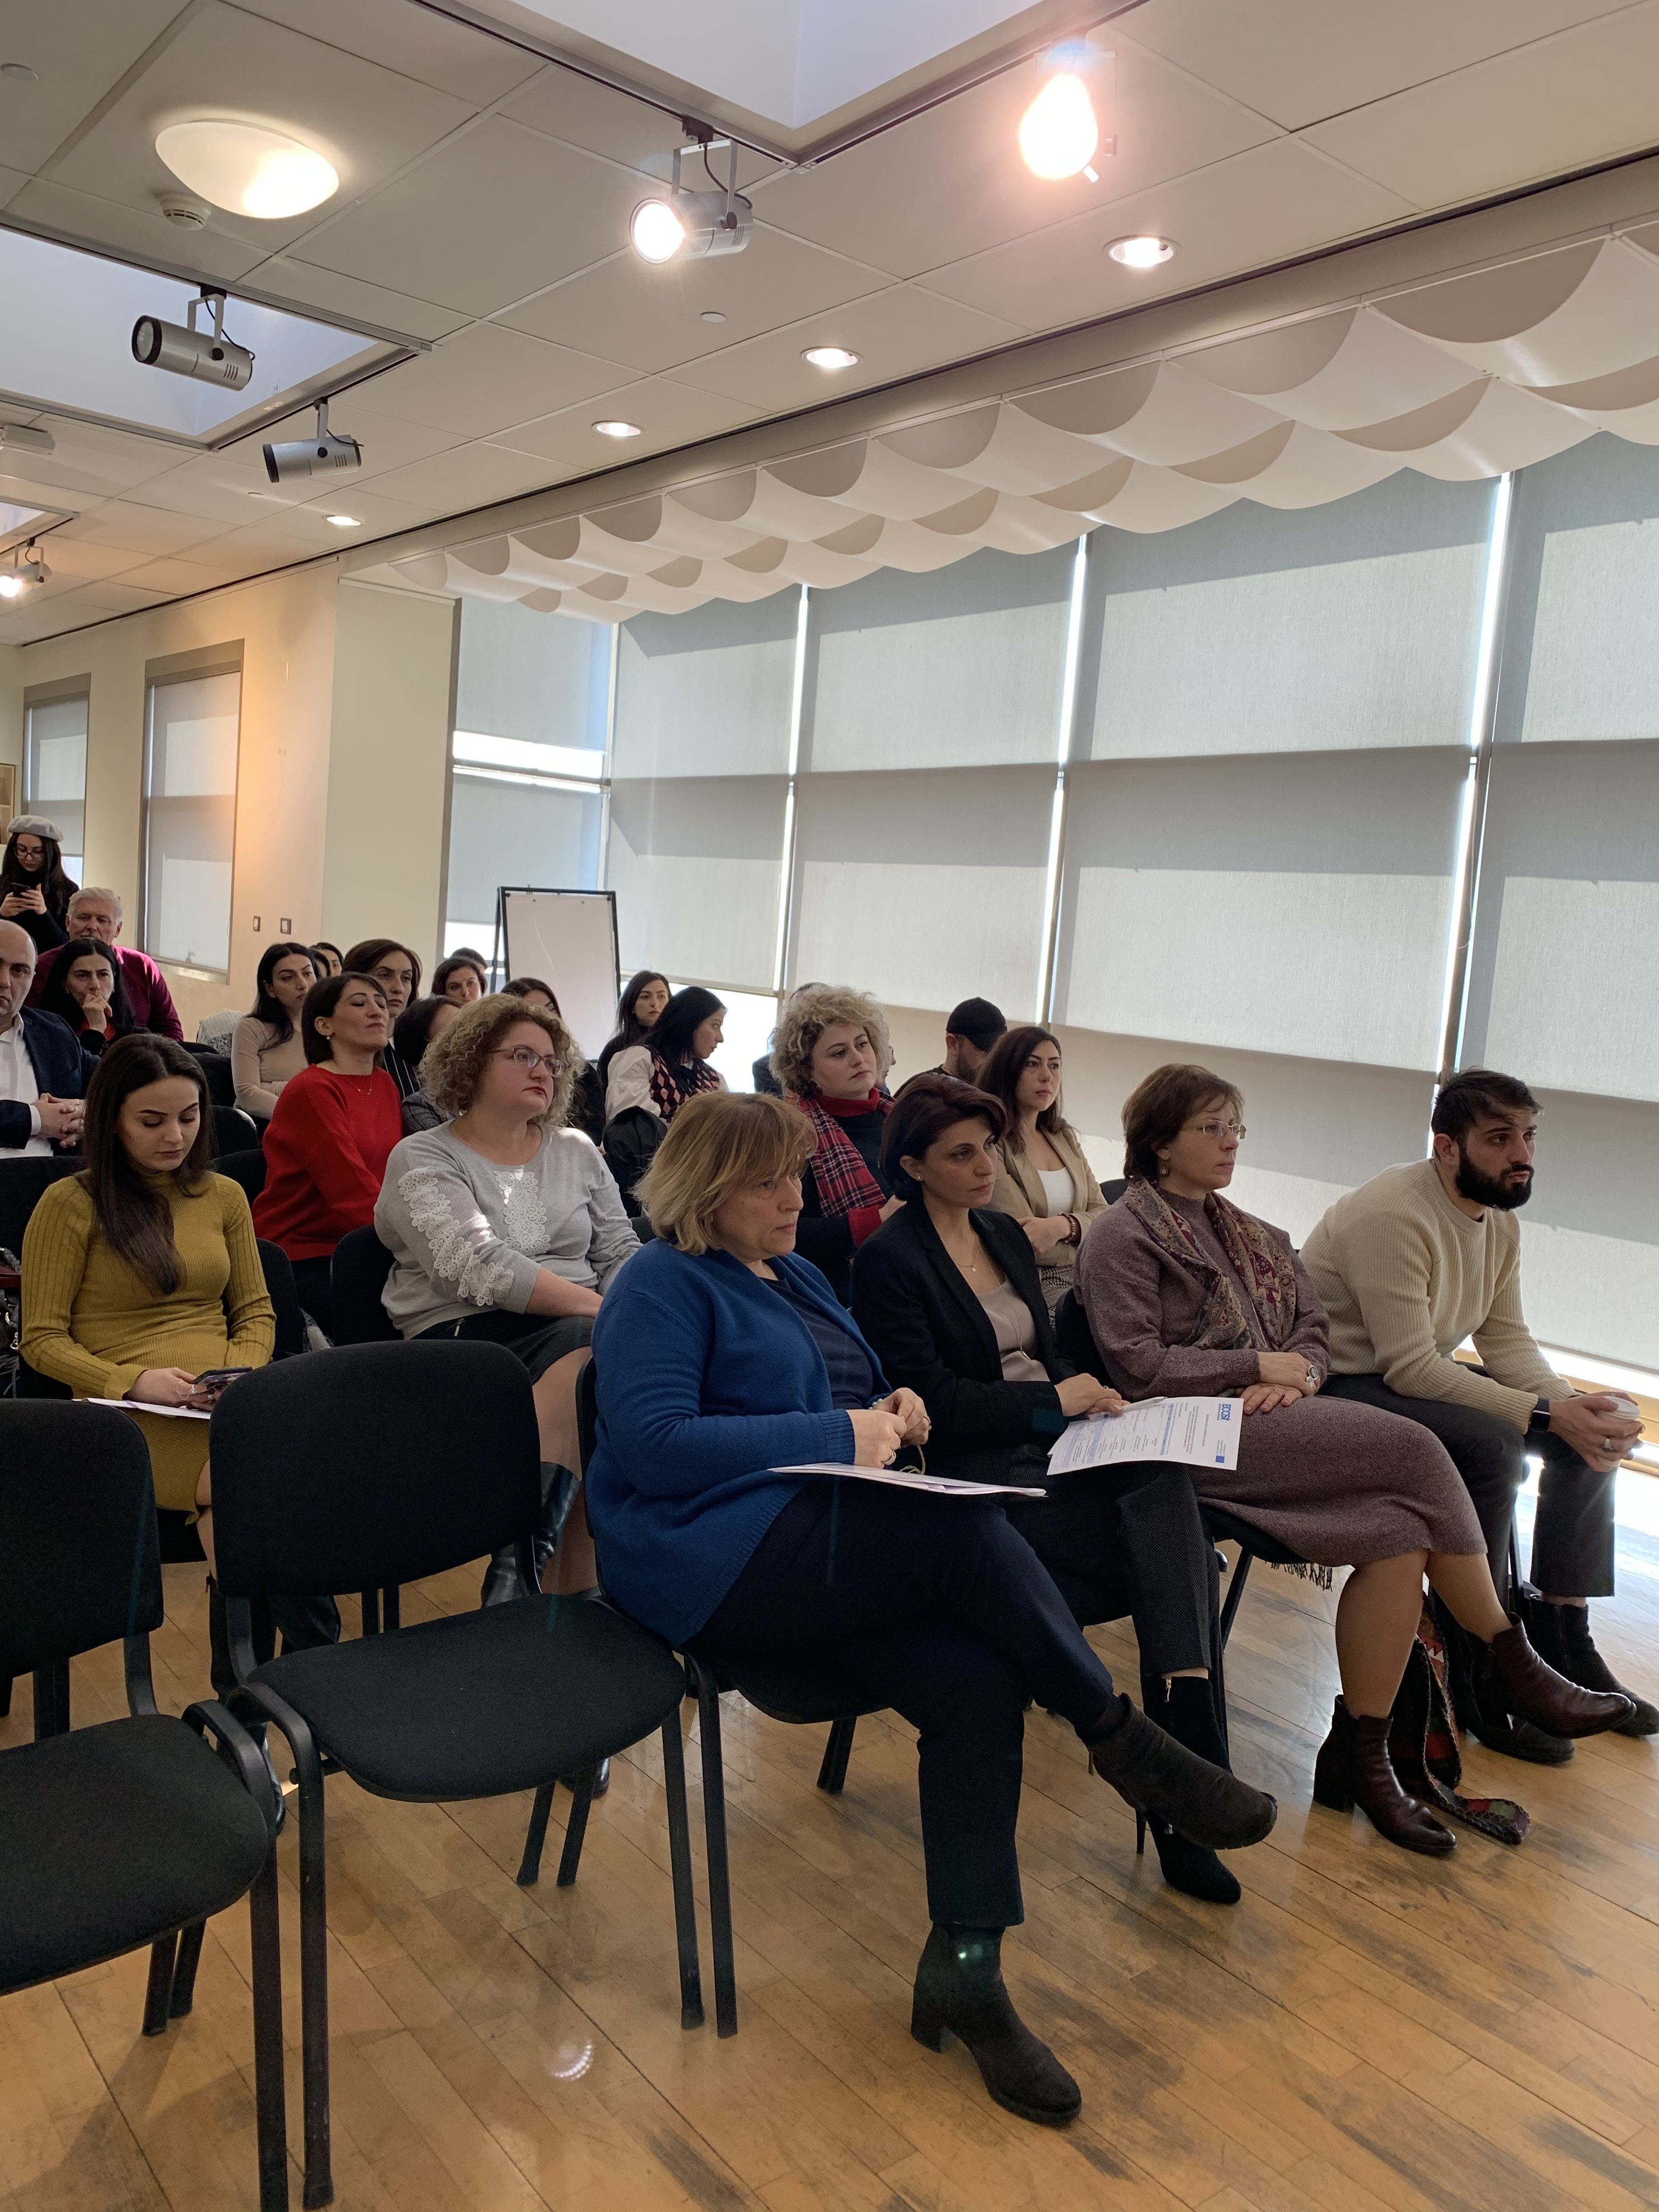 ԲՈՒՍԹ ծրագրի շրջանակում կազմակերպված համաժողով Երևանում